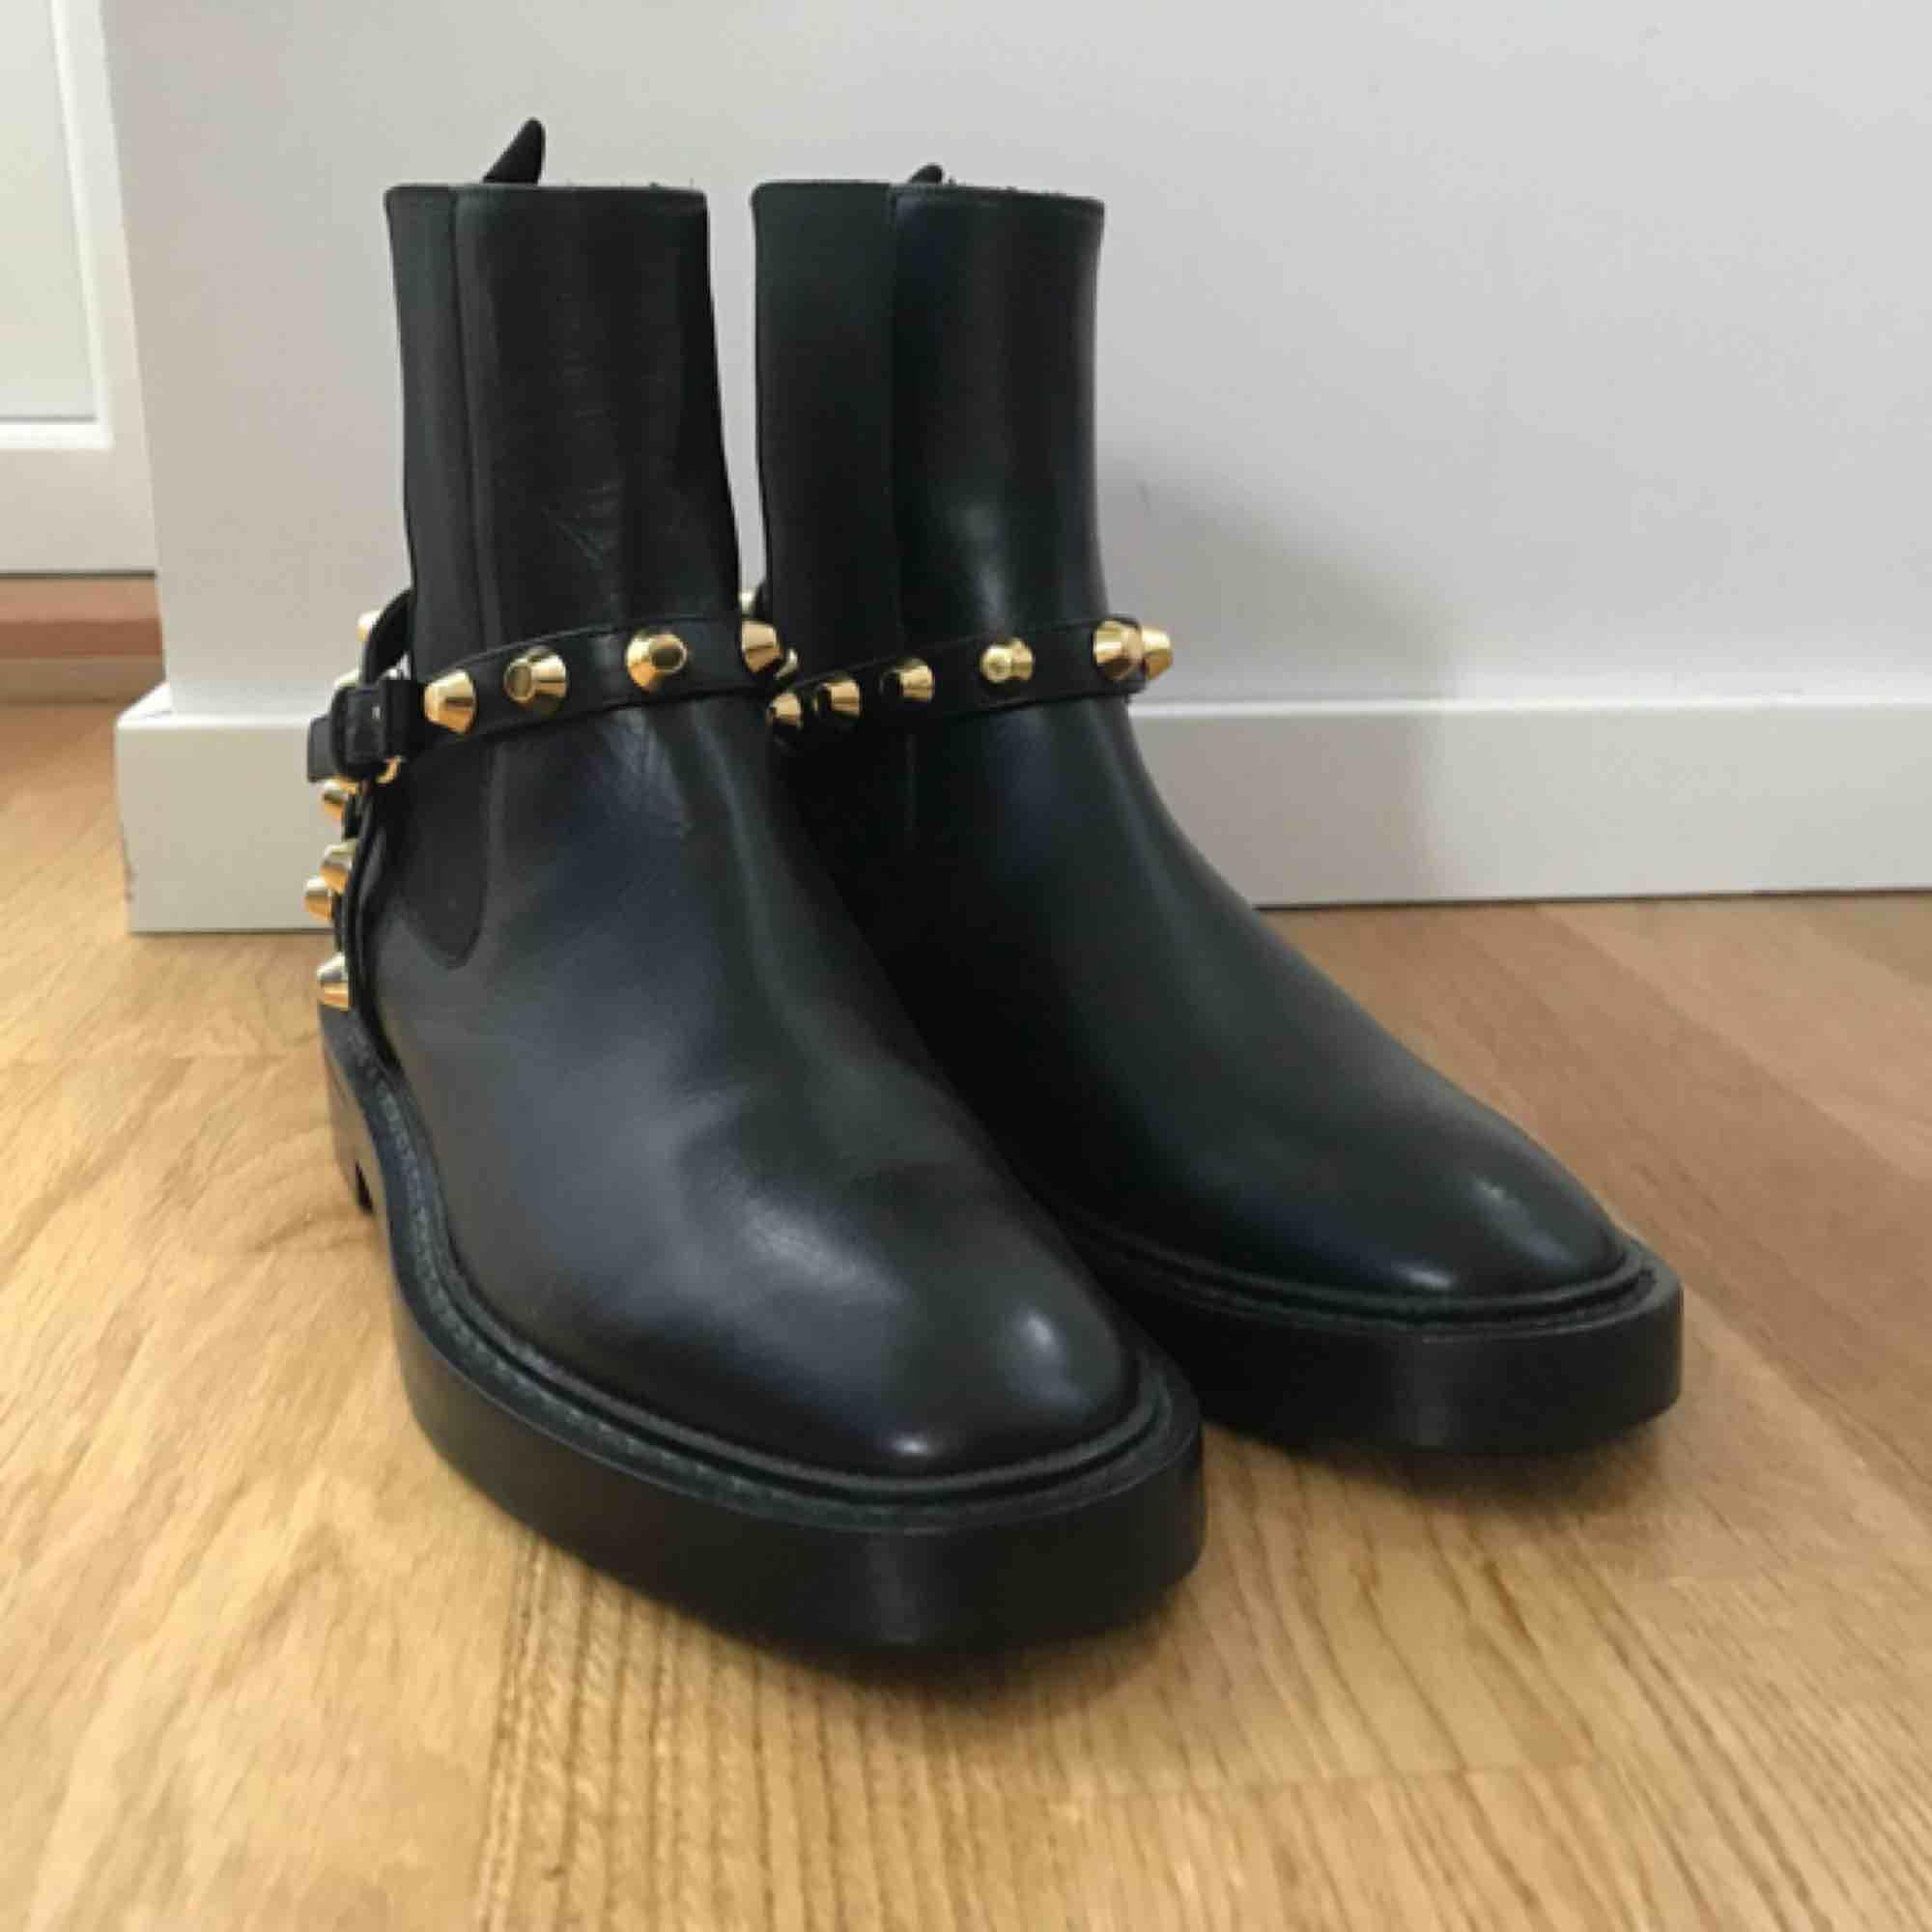 Balenciaga Ankle Boots Äkta såklart. Kvitto finns. Helt nya.  . Skor.